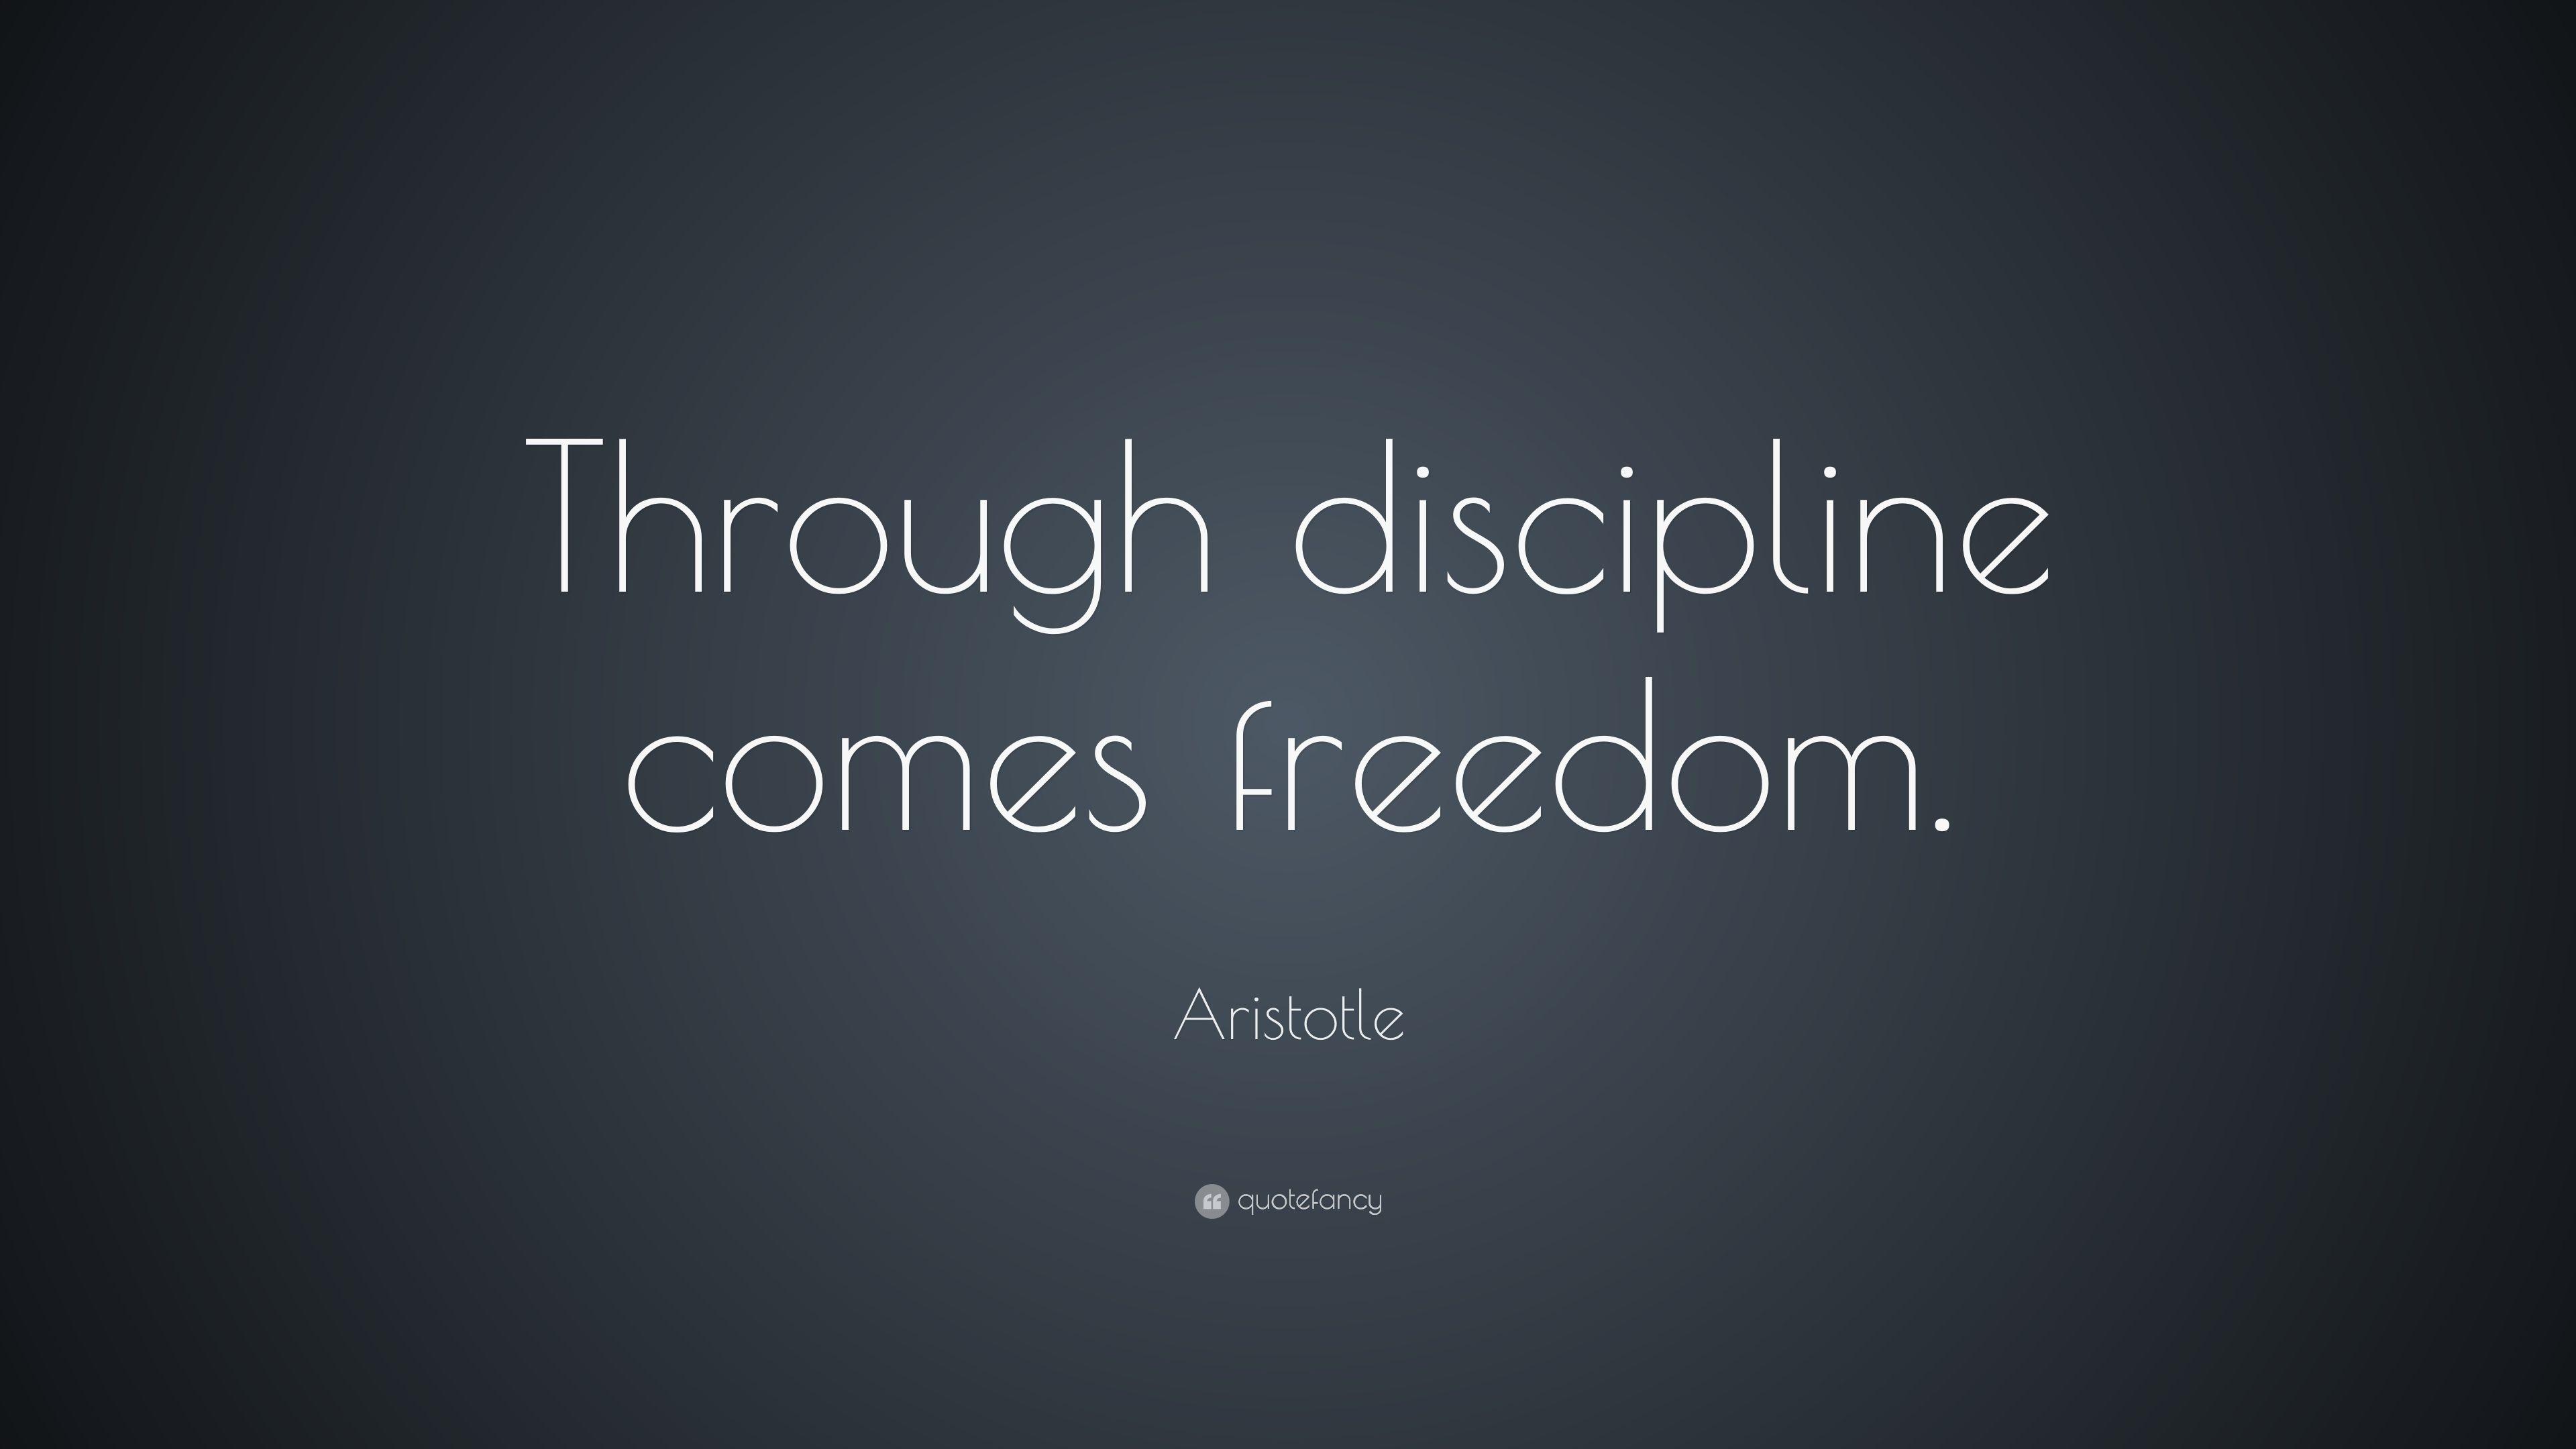 38 Best Aristotle Images On Pinterest: Image Result For Discipline Equals Freedom